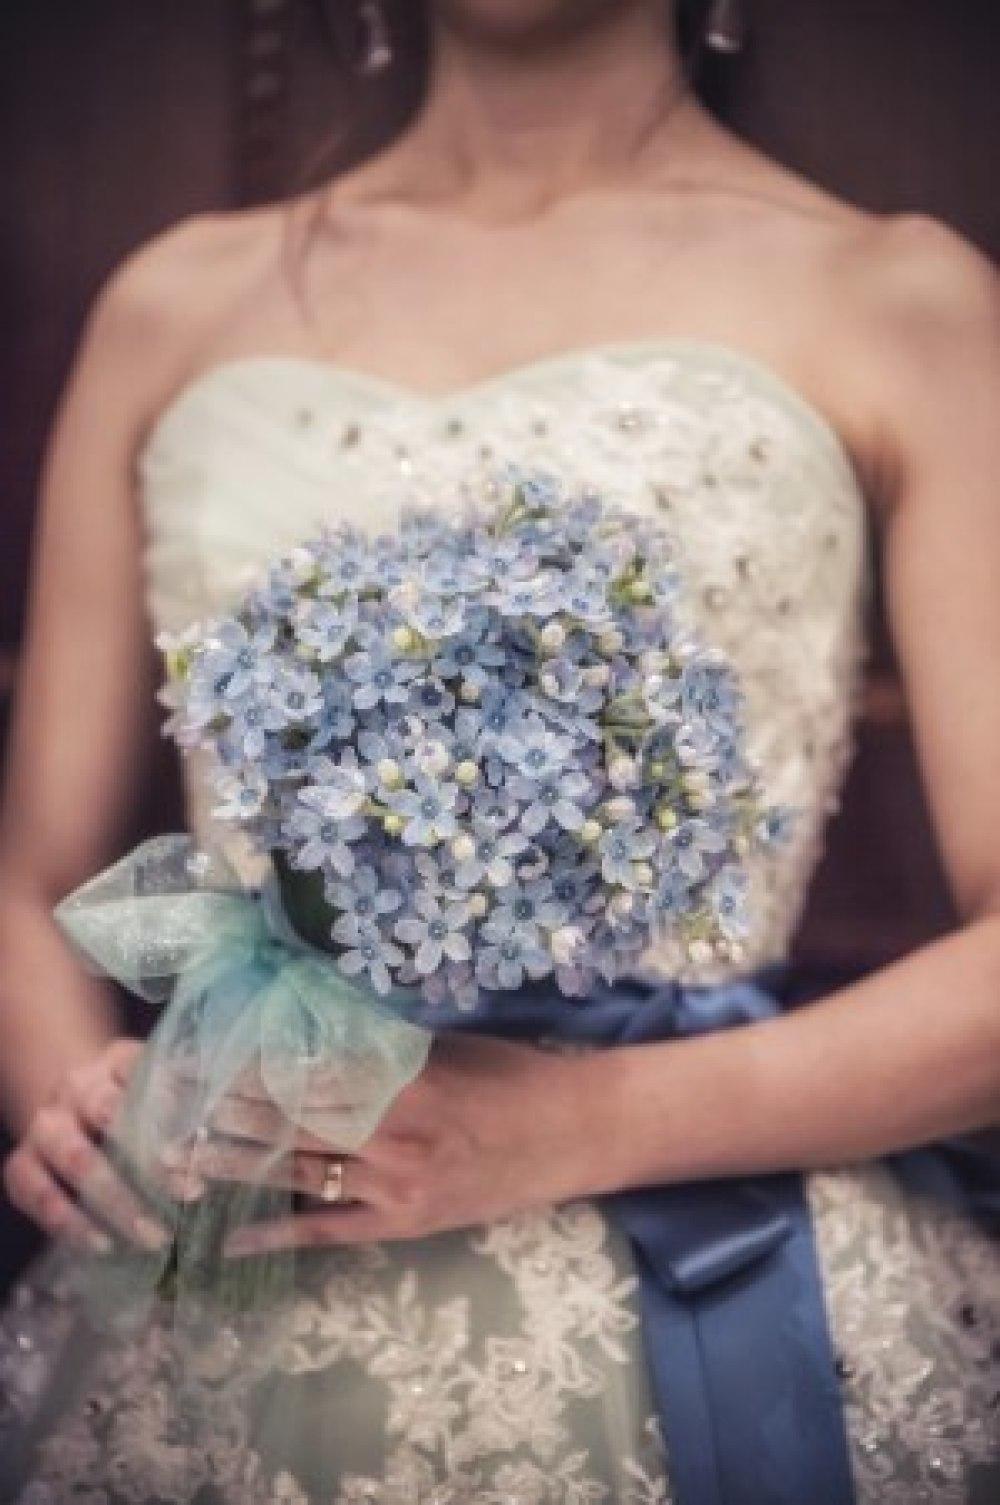 秋の装花 リストランテASOの花嫁様より、かすみそうのアーチの前のプロポーズ_a0042928_21050028.jpg